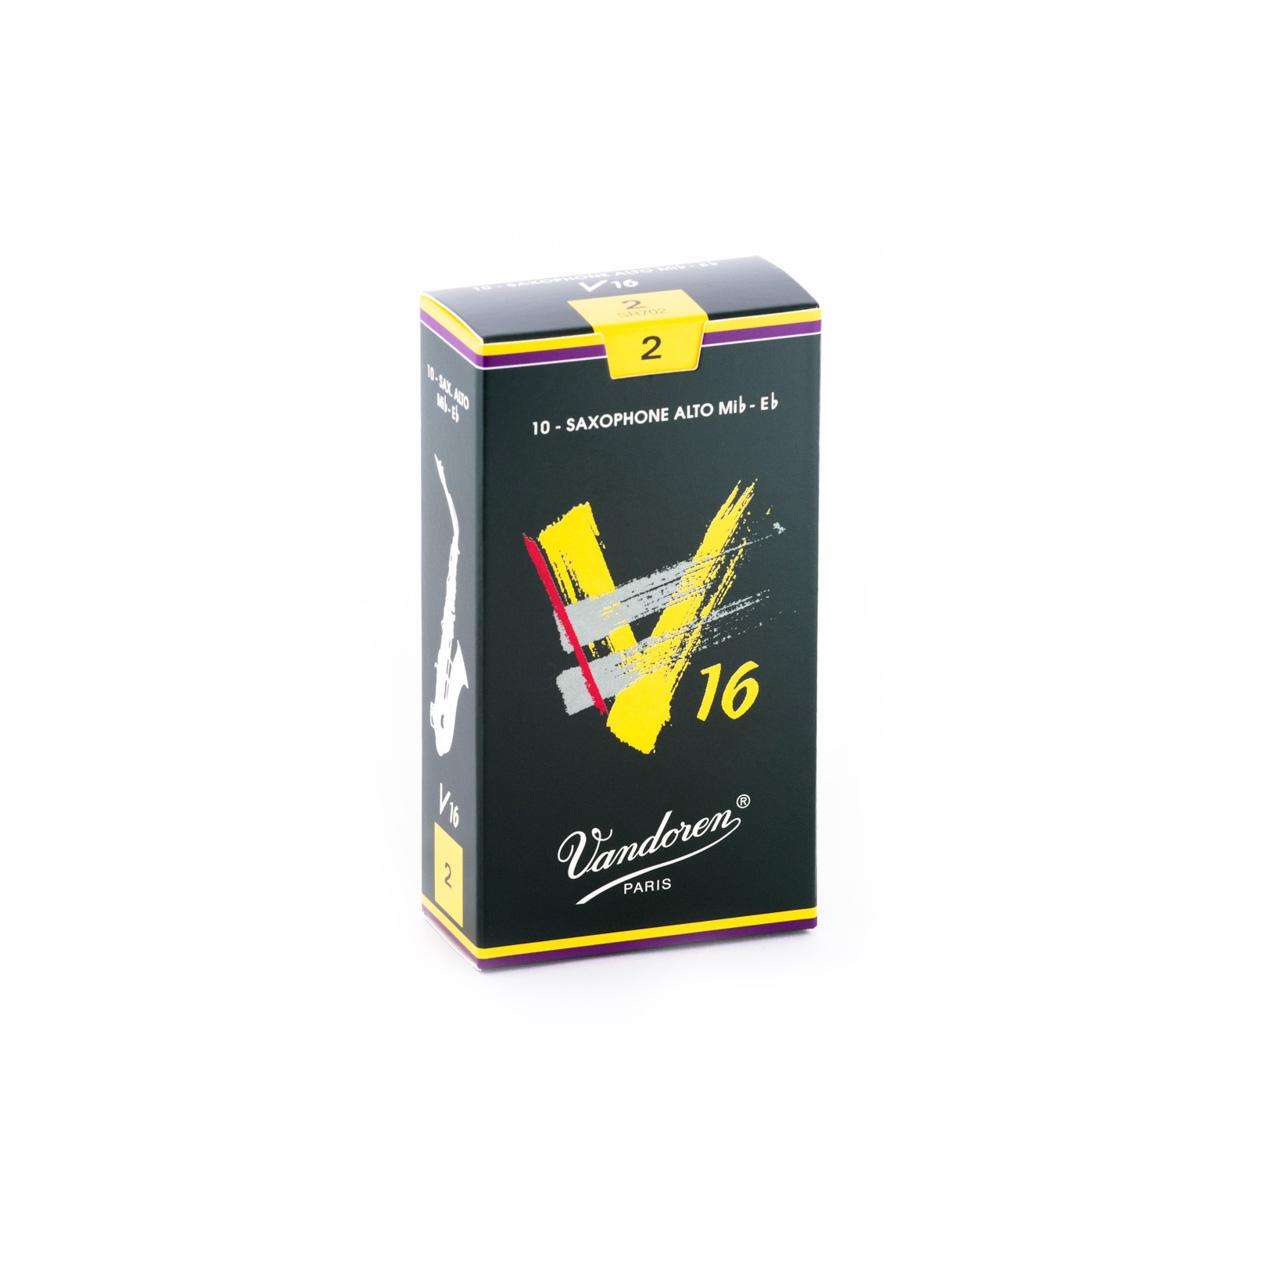 Palheta V16 2 para Sax Alto com 10 unidades SR702 - Vandoren